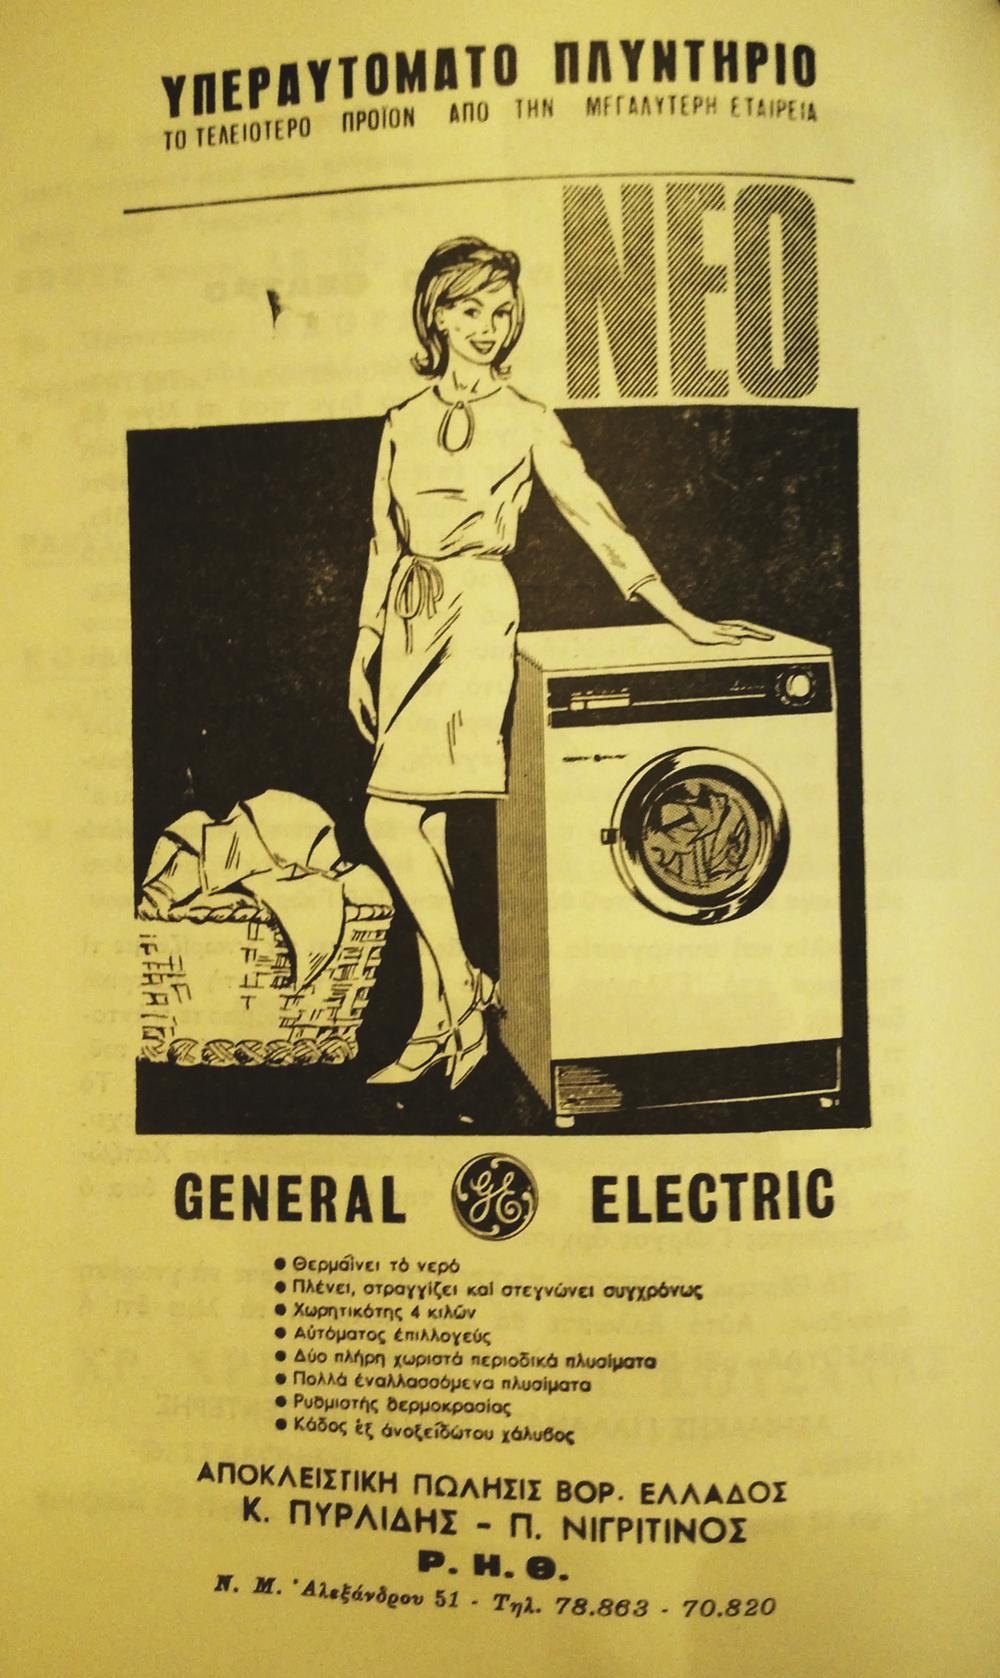 Νοσταλγικές διαφημίσεις από τη παλιά Θεσσαλονίκη τη δεκαετία του  60 ... d1b921477c5